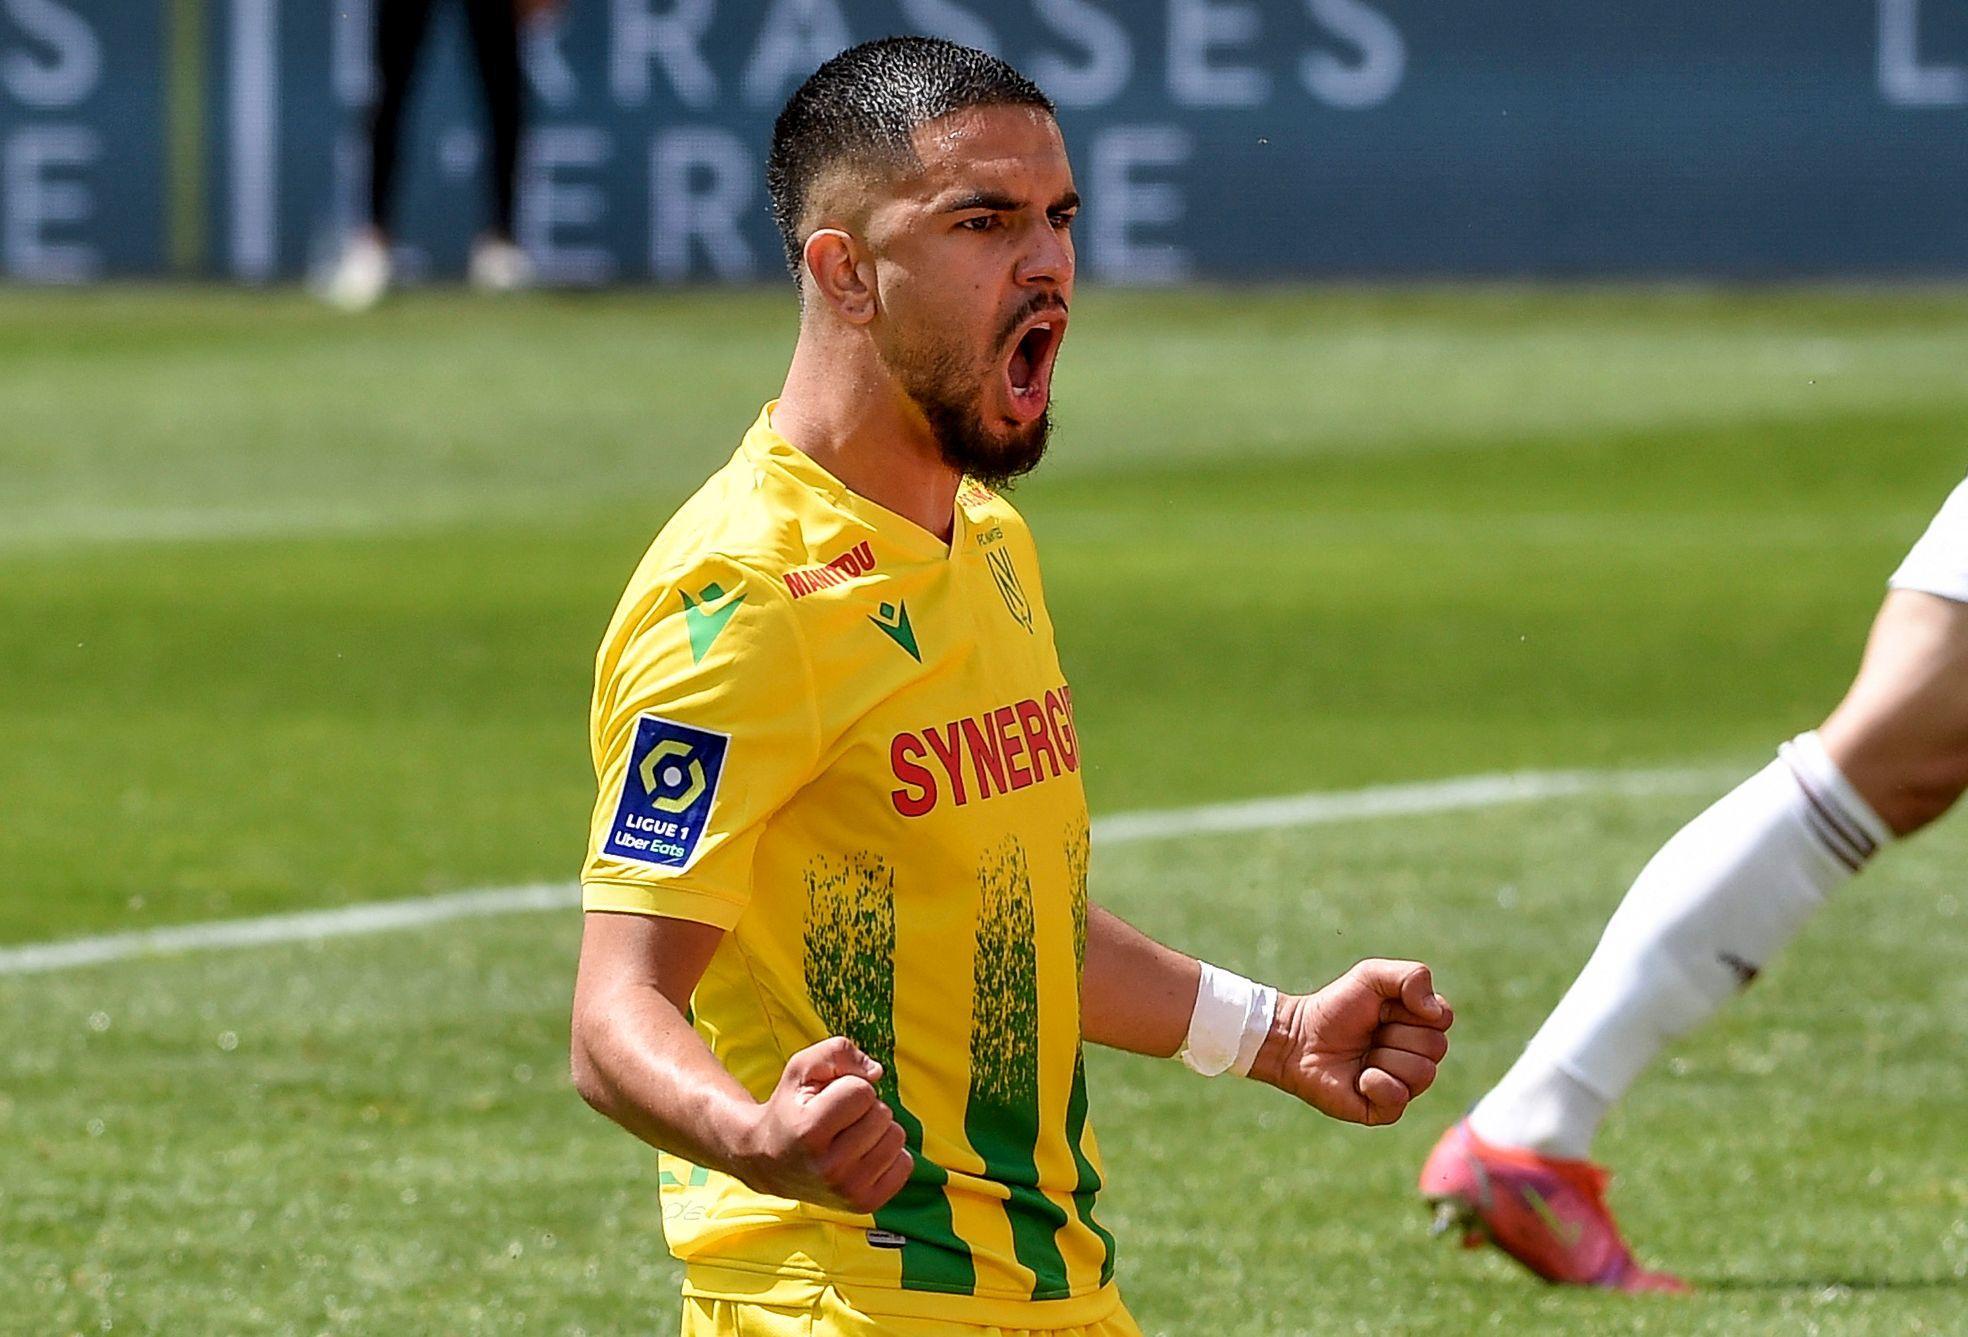 Ligue 1 : Nantes gifle Bordeaux et se rapproche des Girondins, loin d'être sauvés